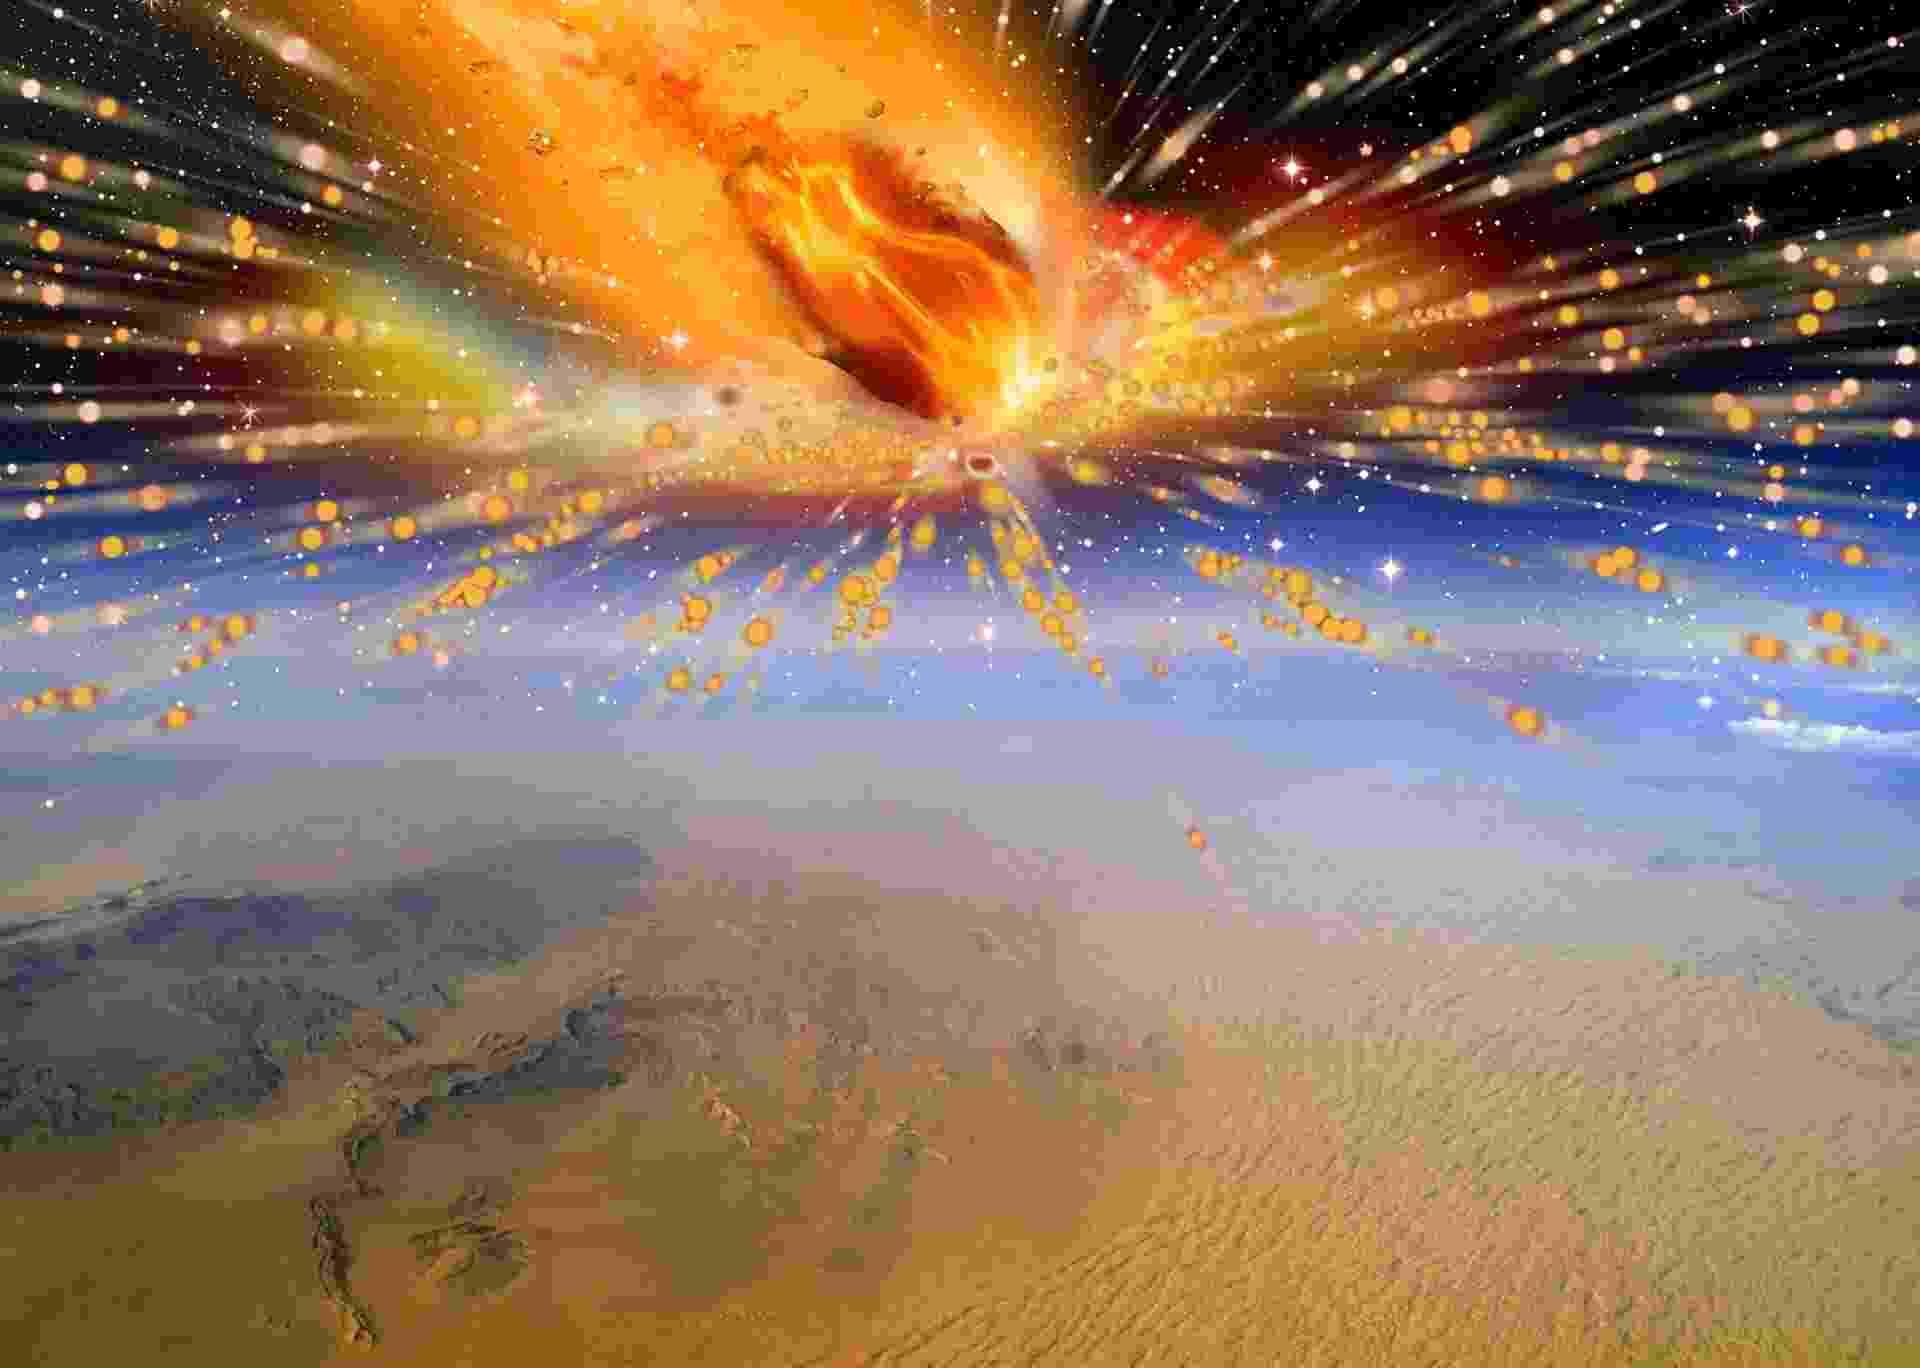 9.out.2013 - A primeira evidência de que um cometa entrou na atmosfera da Terra e explodiu sobre o Egito, destruindo toda forma de vida ao redor da região do Saara, foi descoberta por uma equipe da Universidade de Witwatersrand, na África do Sul. O fato ocorrido há 28 milhões de anos pode ajudar os cientistas a desvendar os segredos da formação do nosso Sistema Solar - Terry Bakker